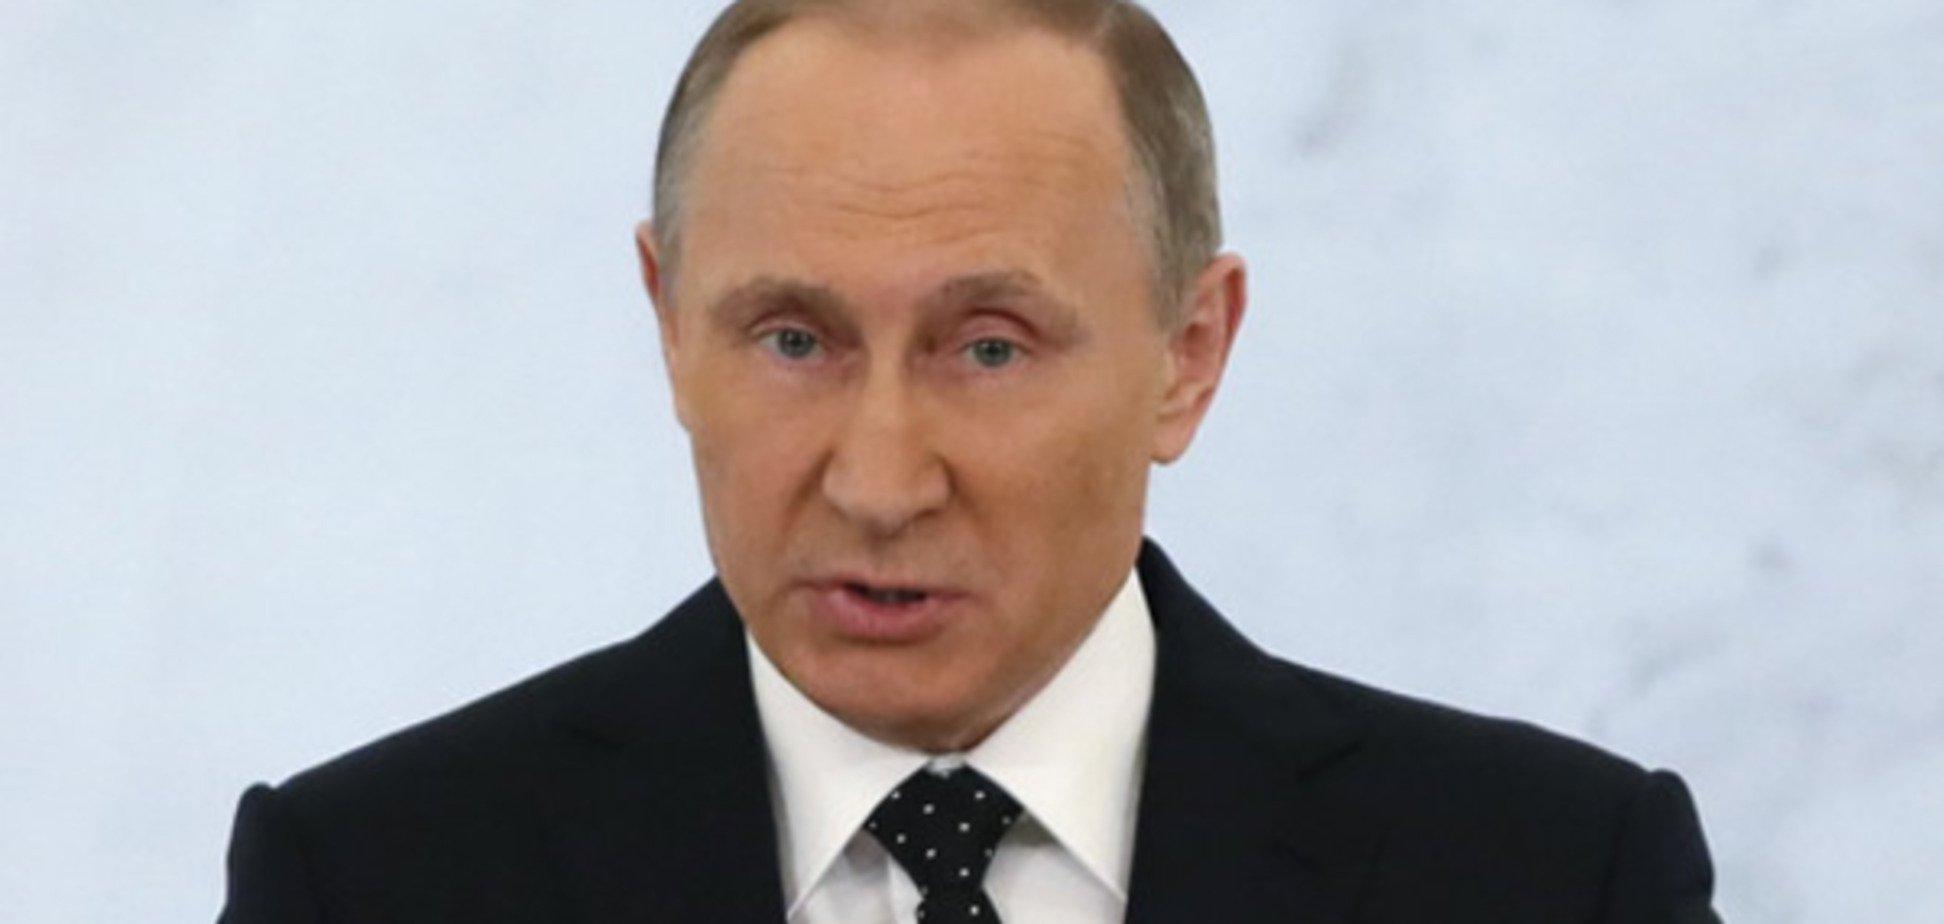 'Хунта' и 'клика': Портников объяснил, почему Путин выжил из ума